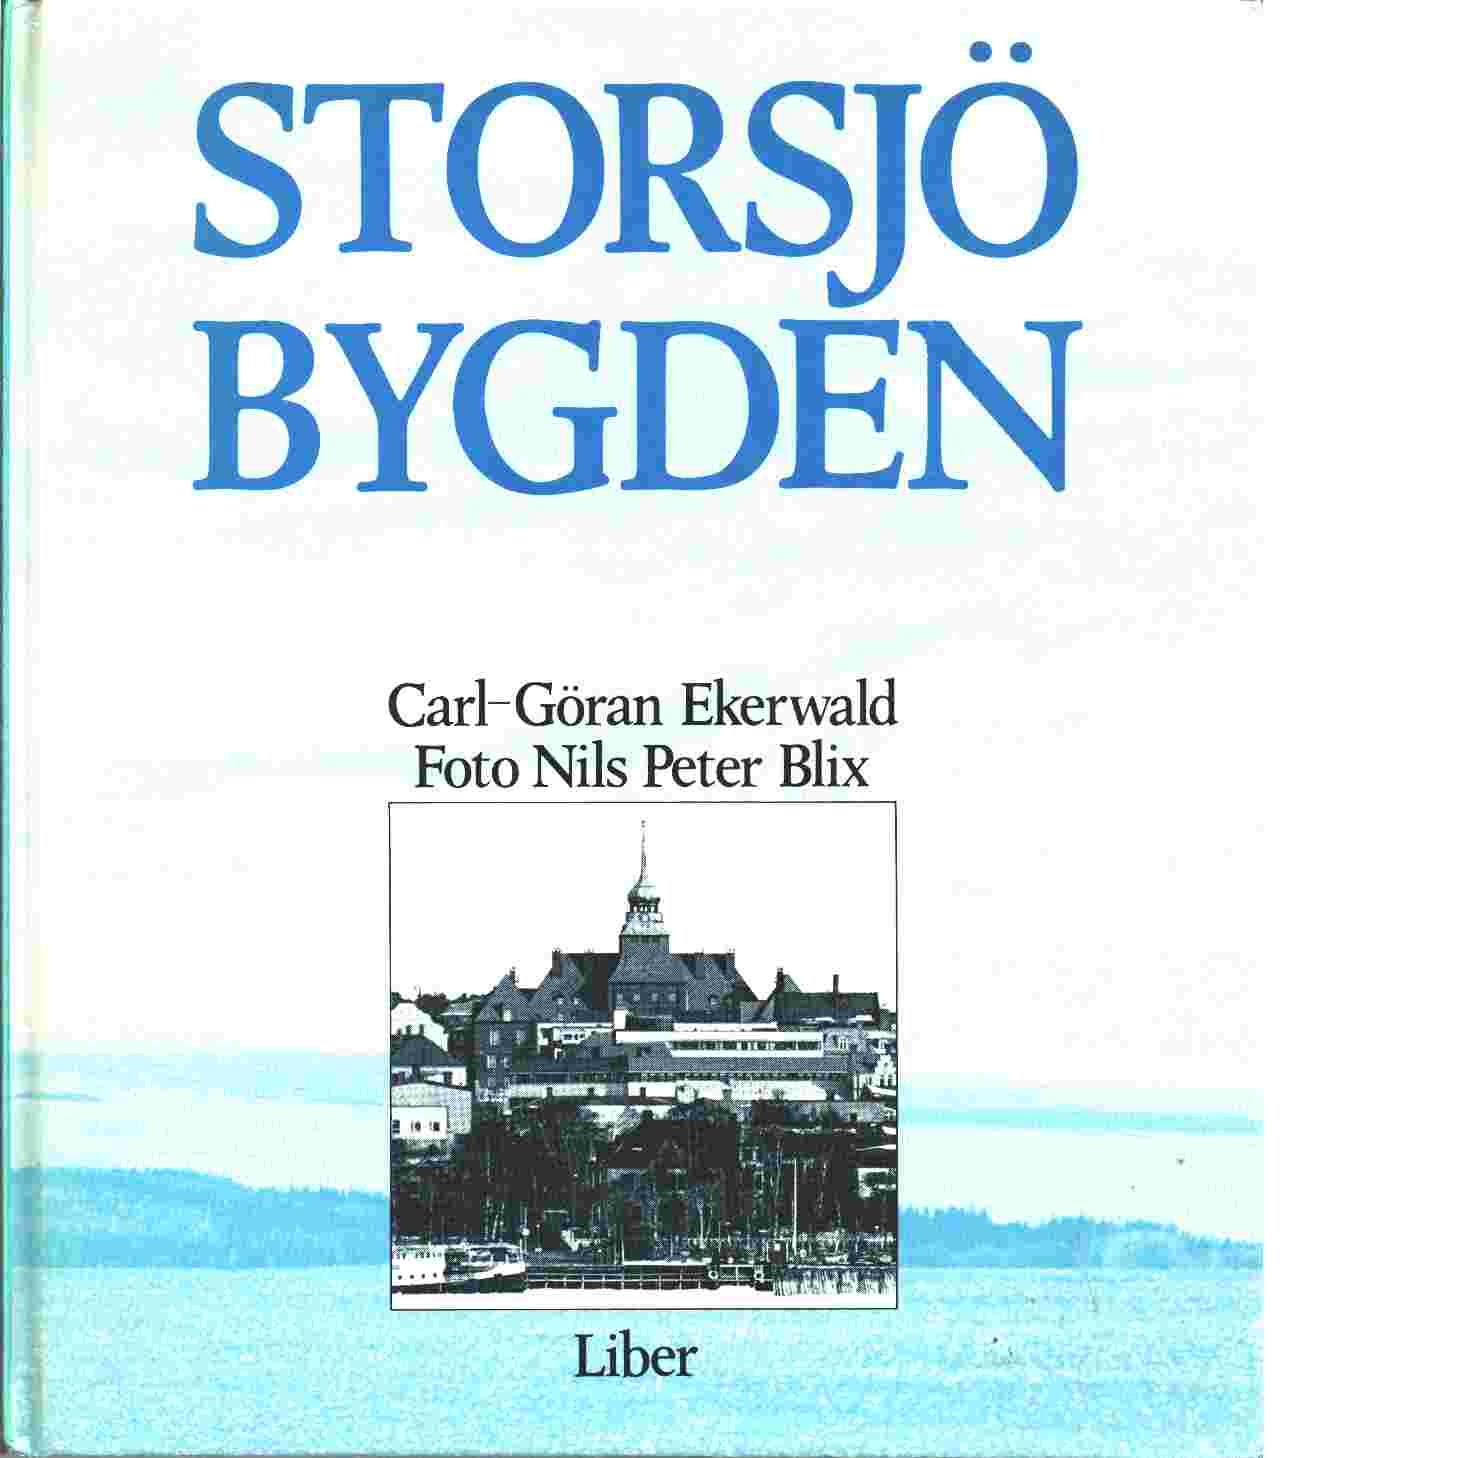 Storsjöbygden - Ekerwald, Carl-Göran